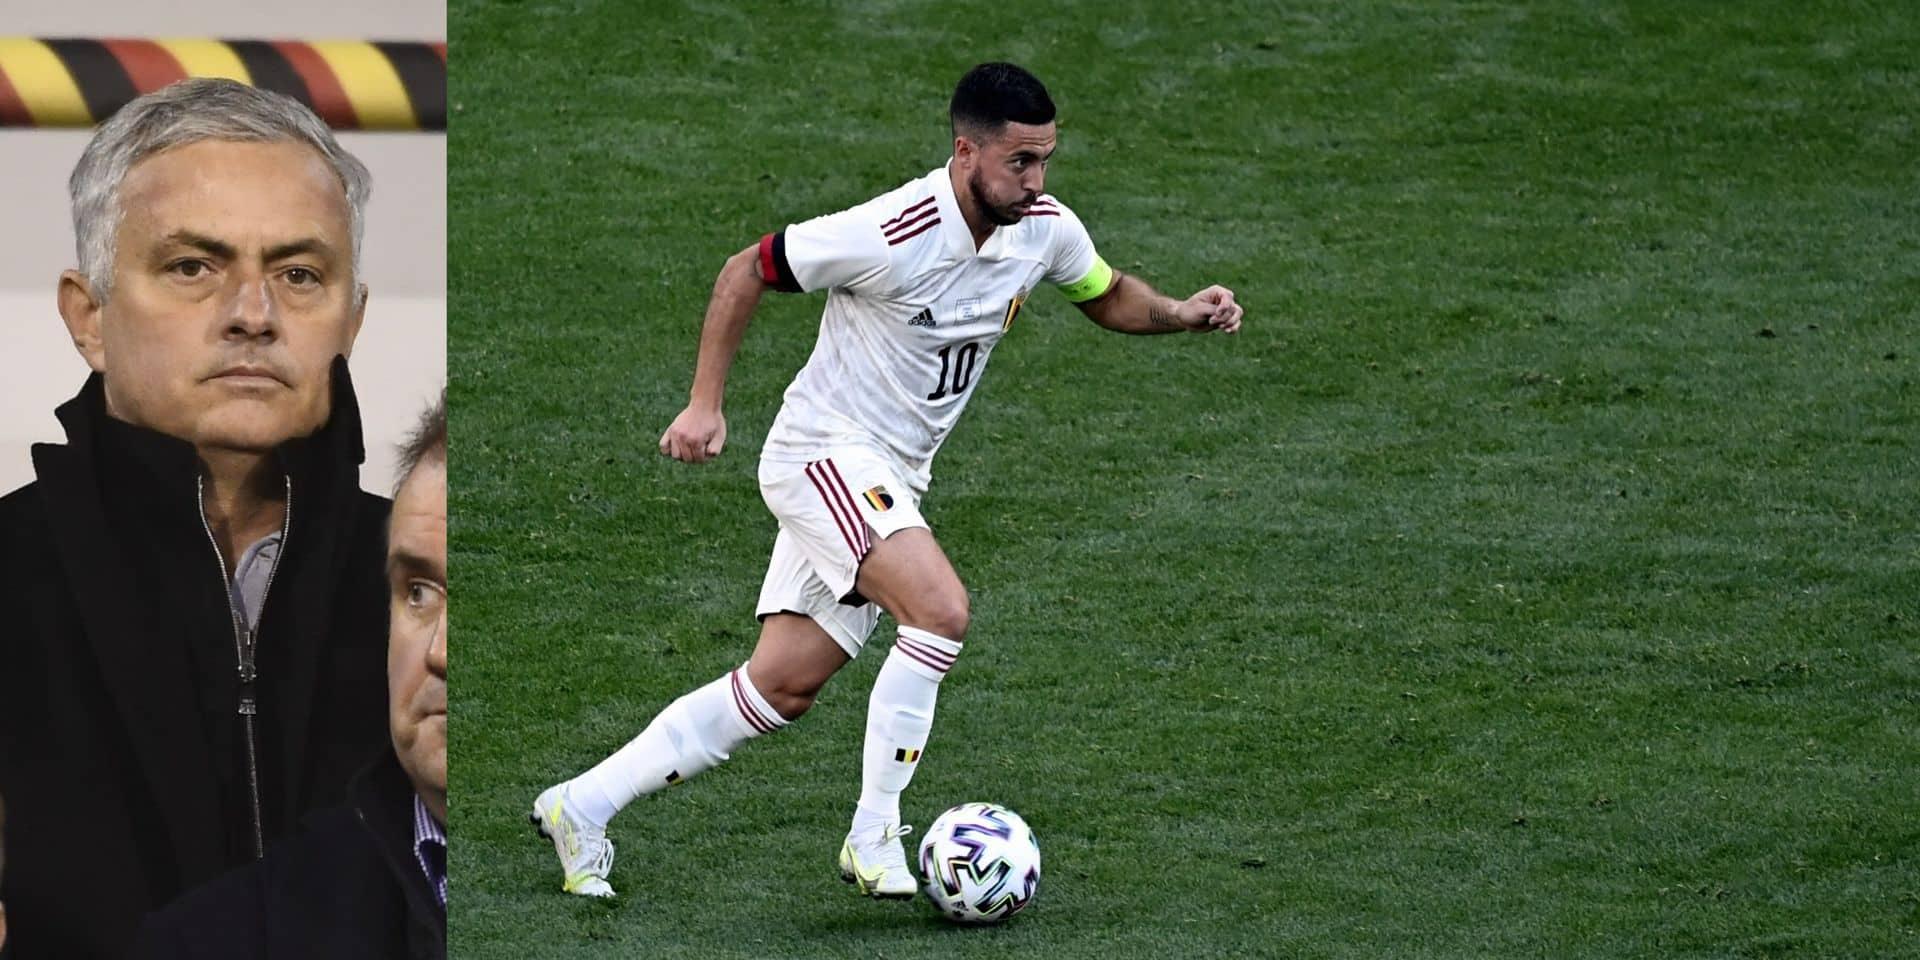 """""""La Belgique va terminer l'Euro avec Eden titulaire et probablement au sommet de son art"""": José Mourinho optimiste pour Hazard"""